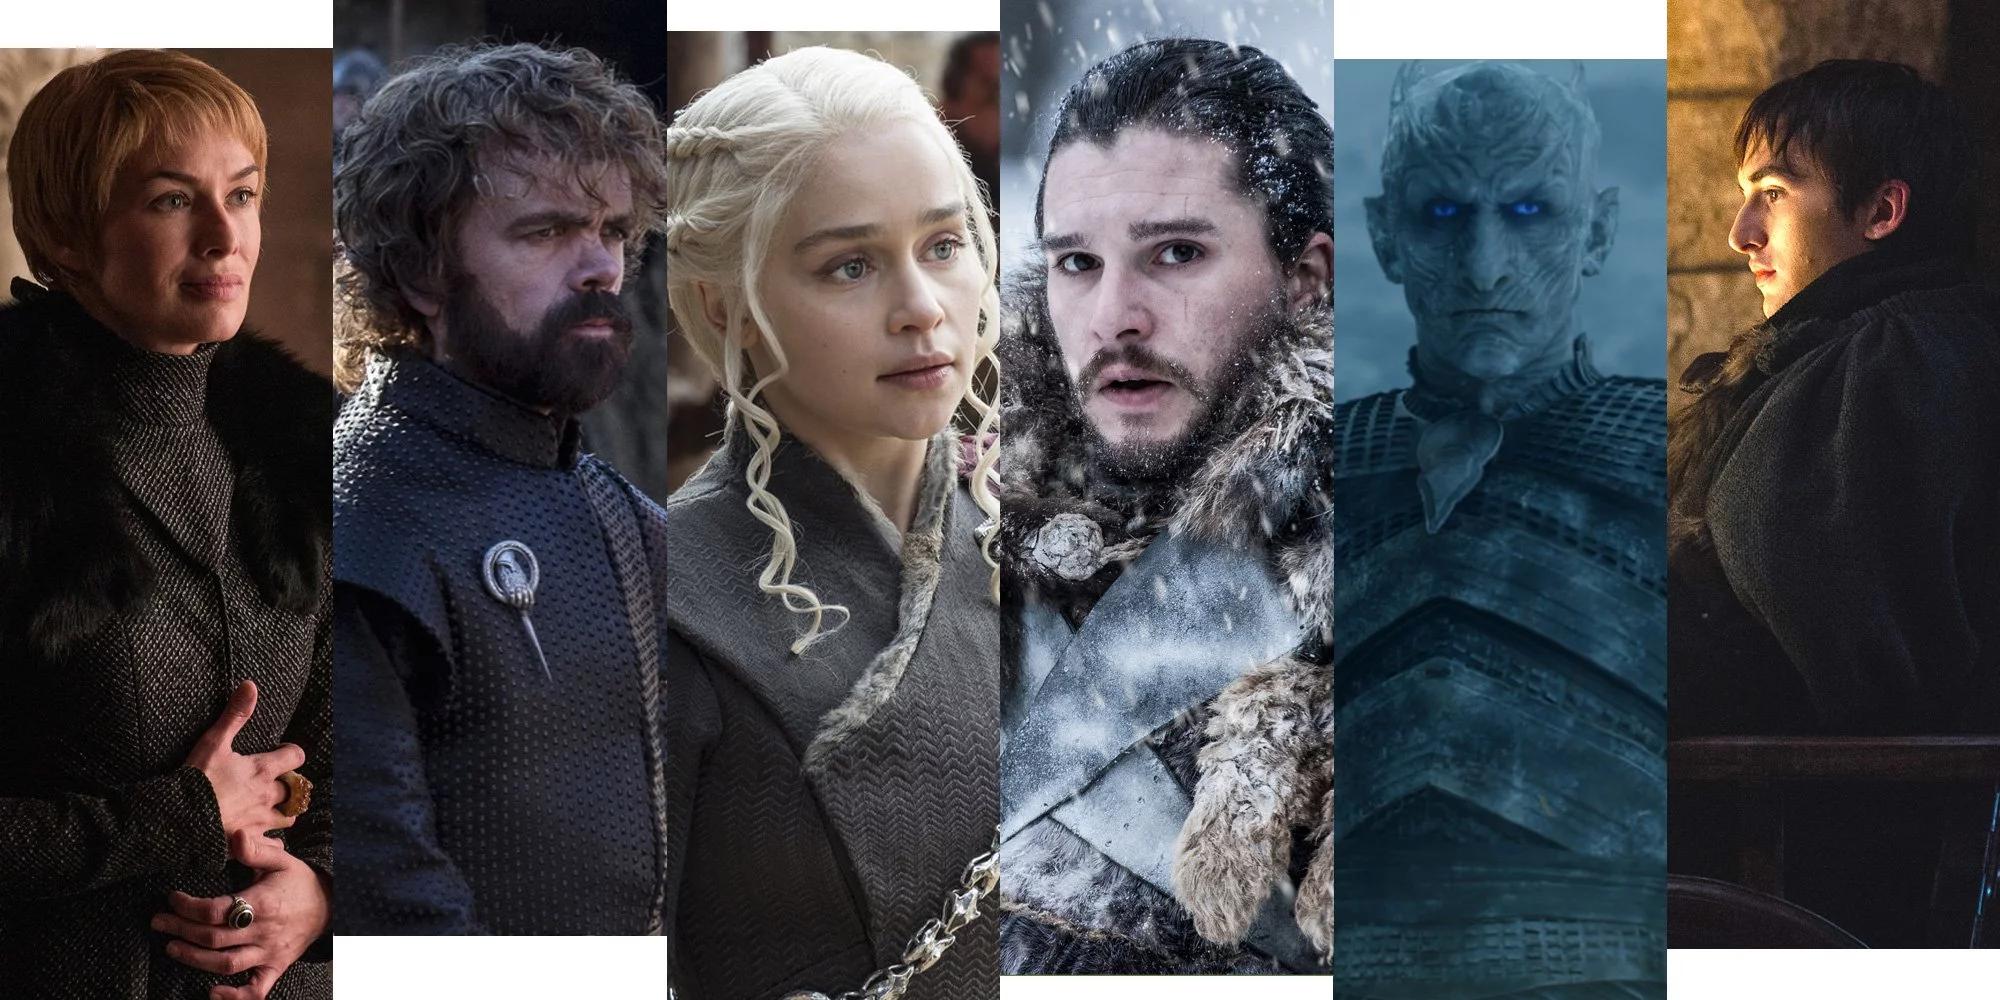 Game of Thrones: los momentos más reveladores (8x02) de la serie épica de HBO